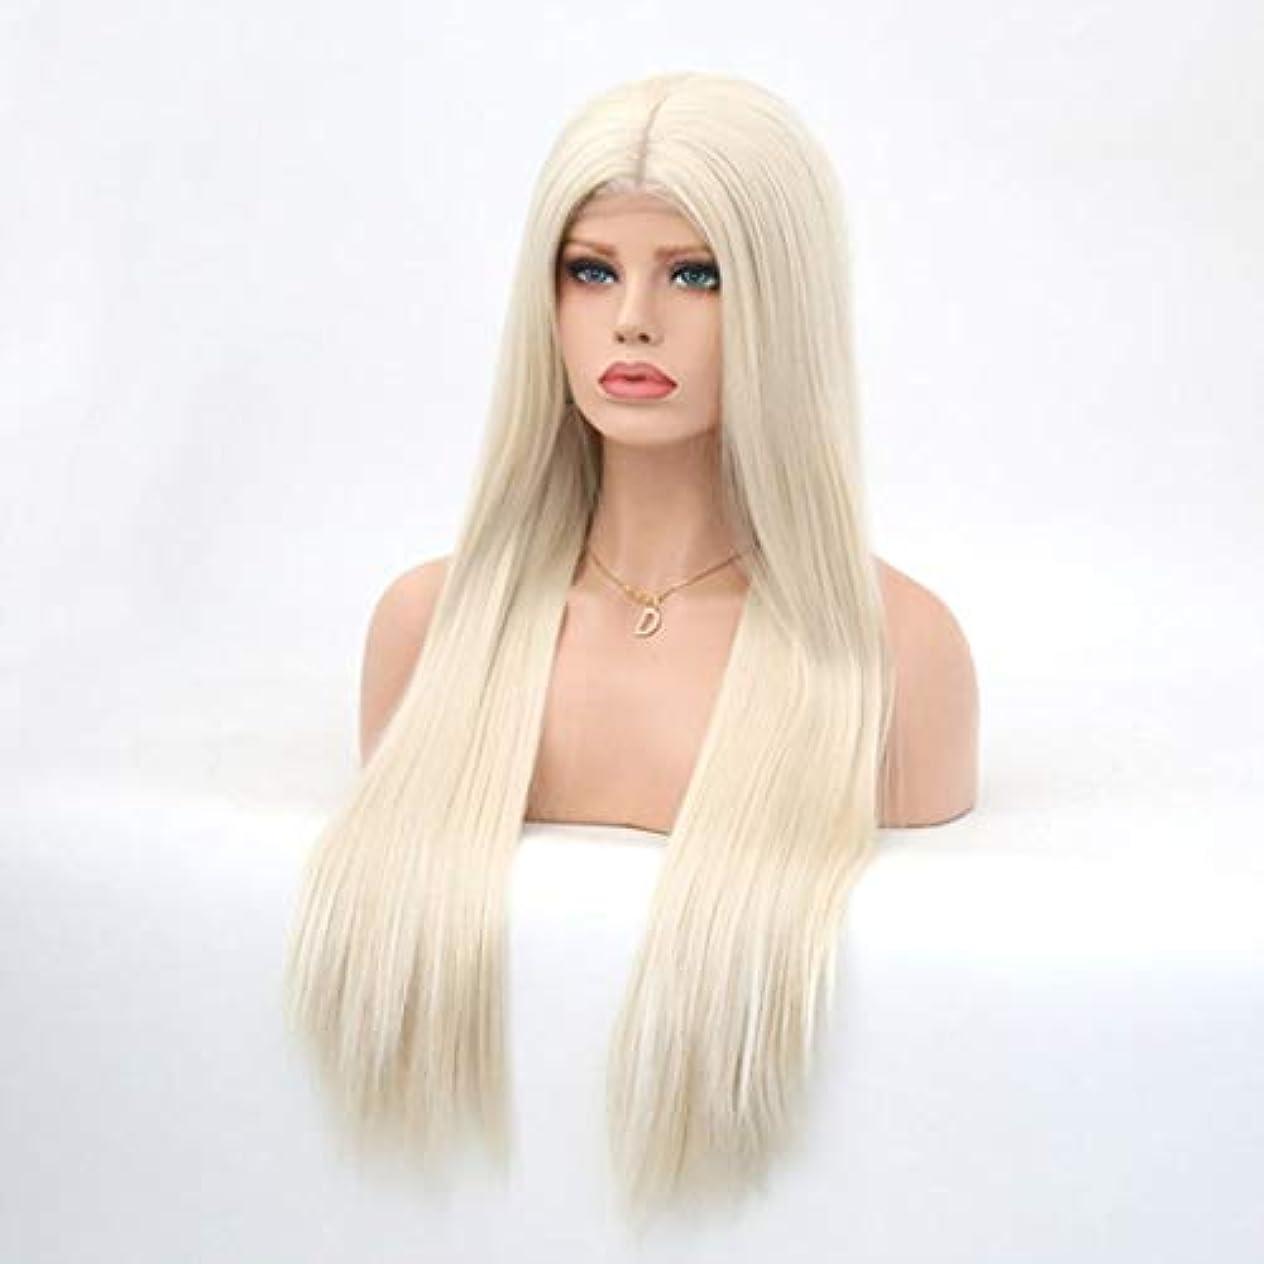 極めて重要な研磨予言するKerwinner レディースシルクロングストレートブラックウィッグ耐熱合成かつら前髪付きウィッグ女性用ウィッグ